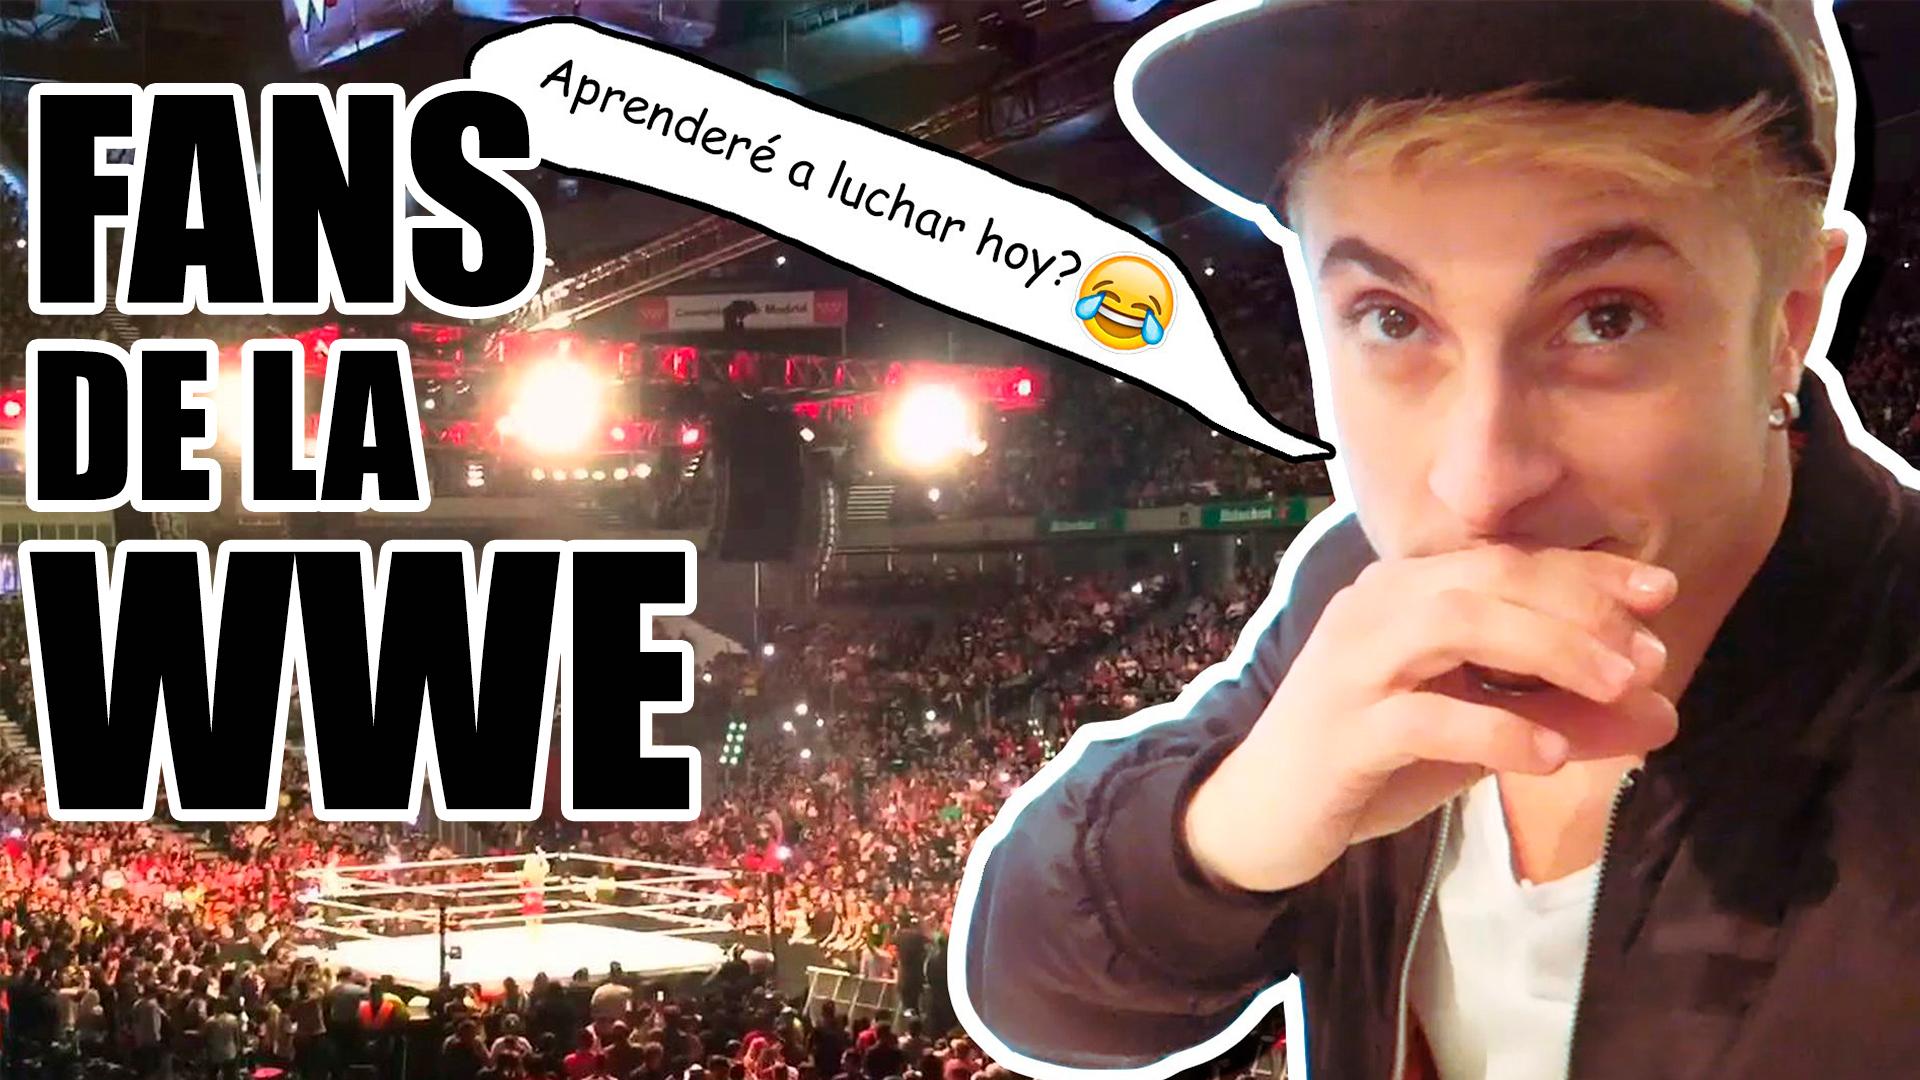 Temporada 1 Aprendiendo a luchar con los fans de la WWE